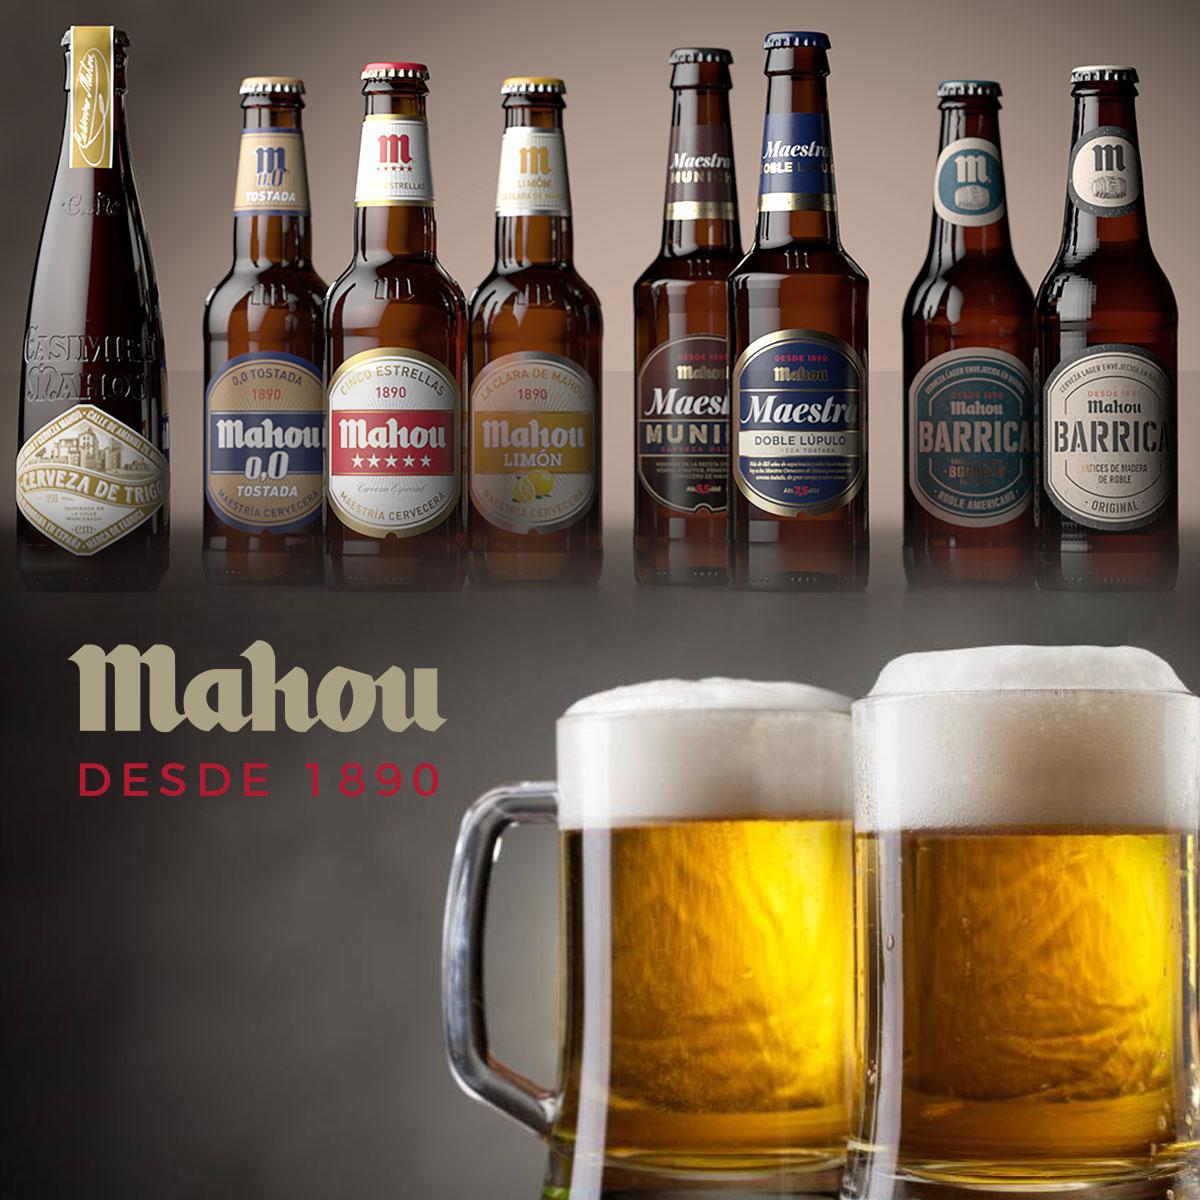 Mahou destaca como una de las mejores del mundo.